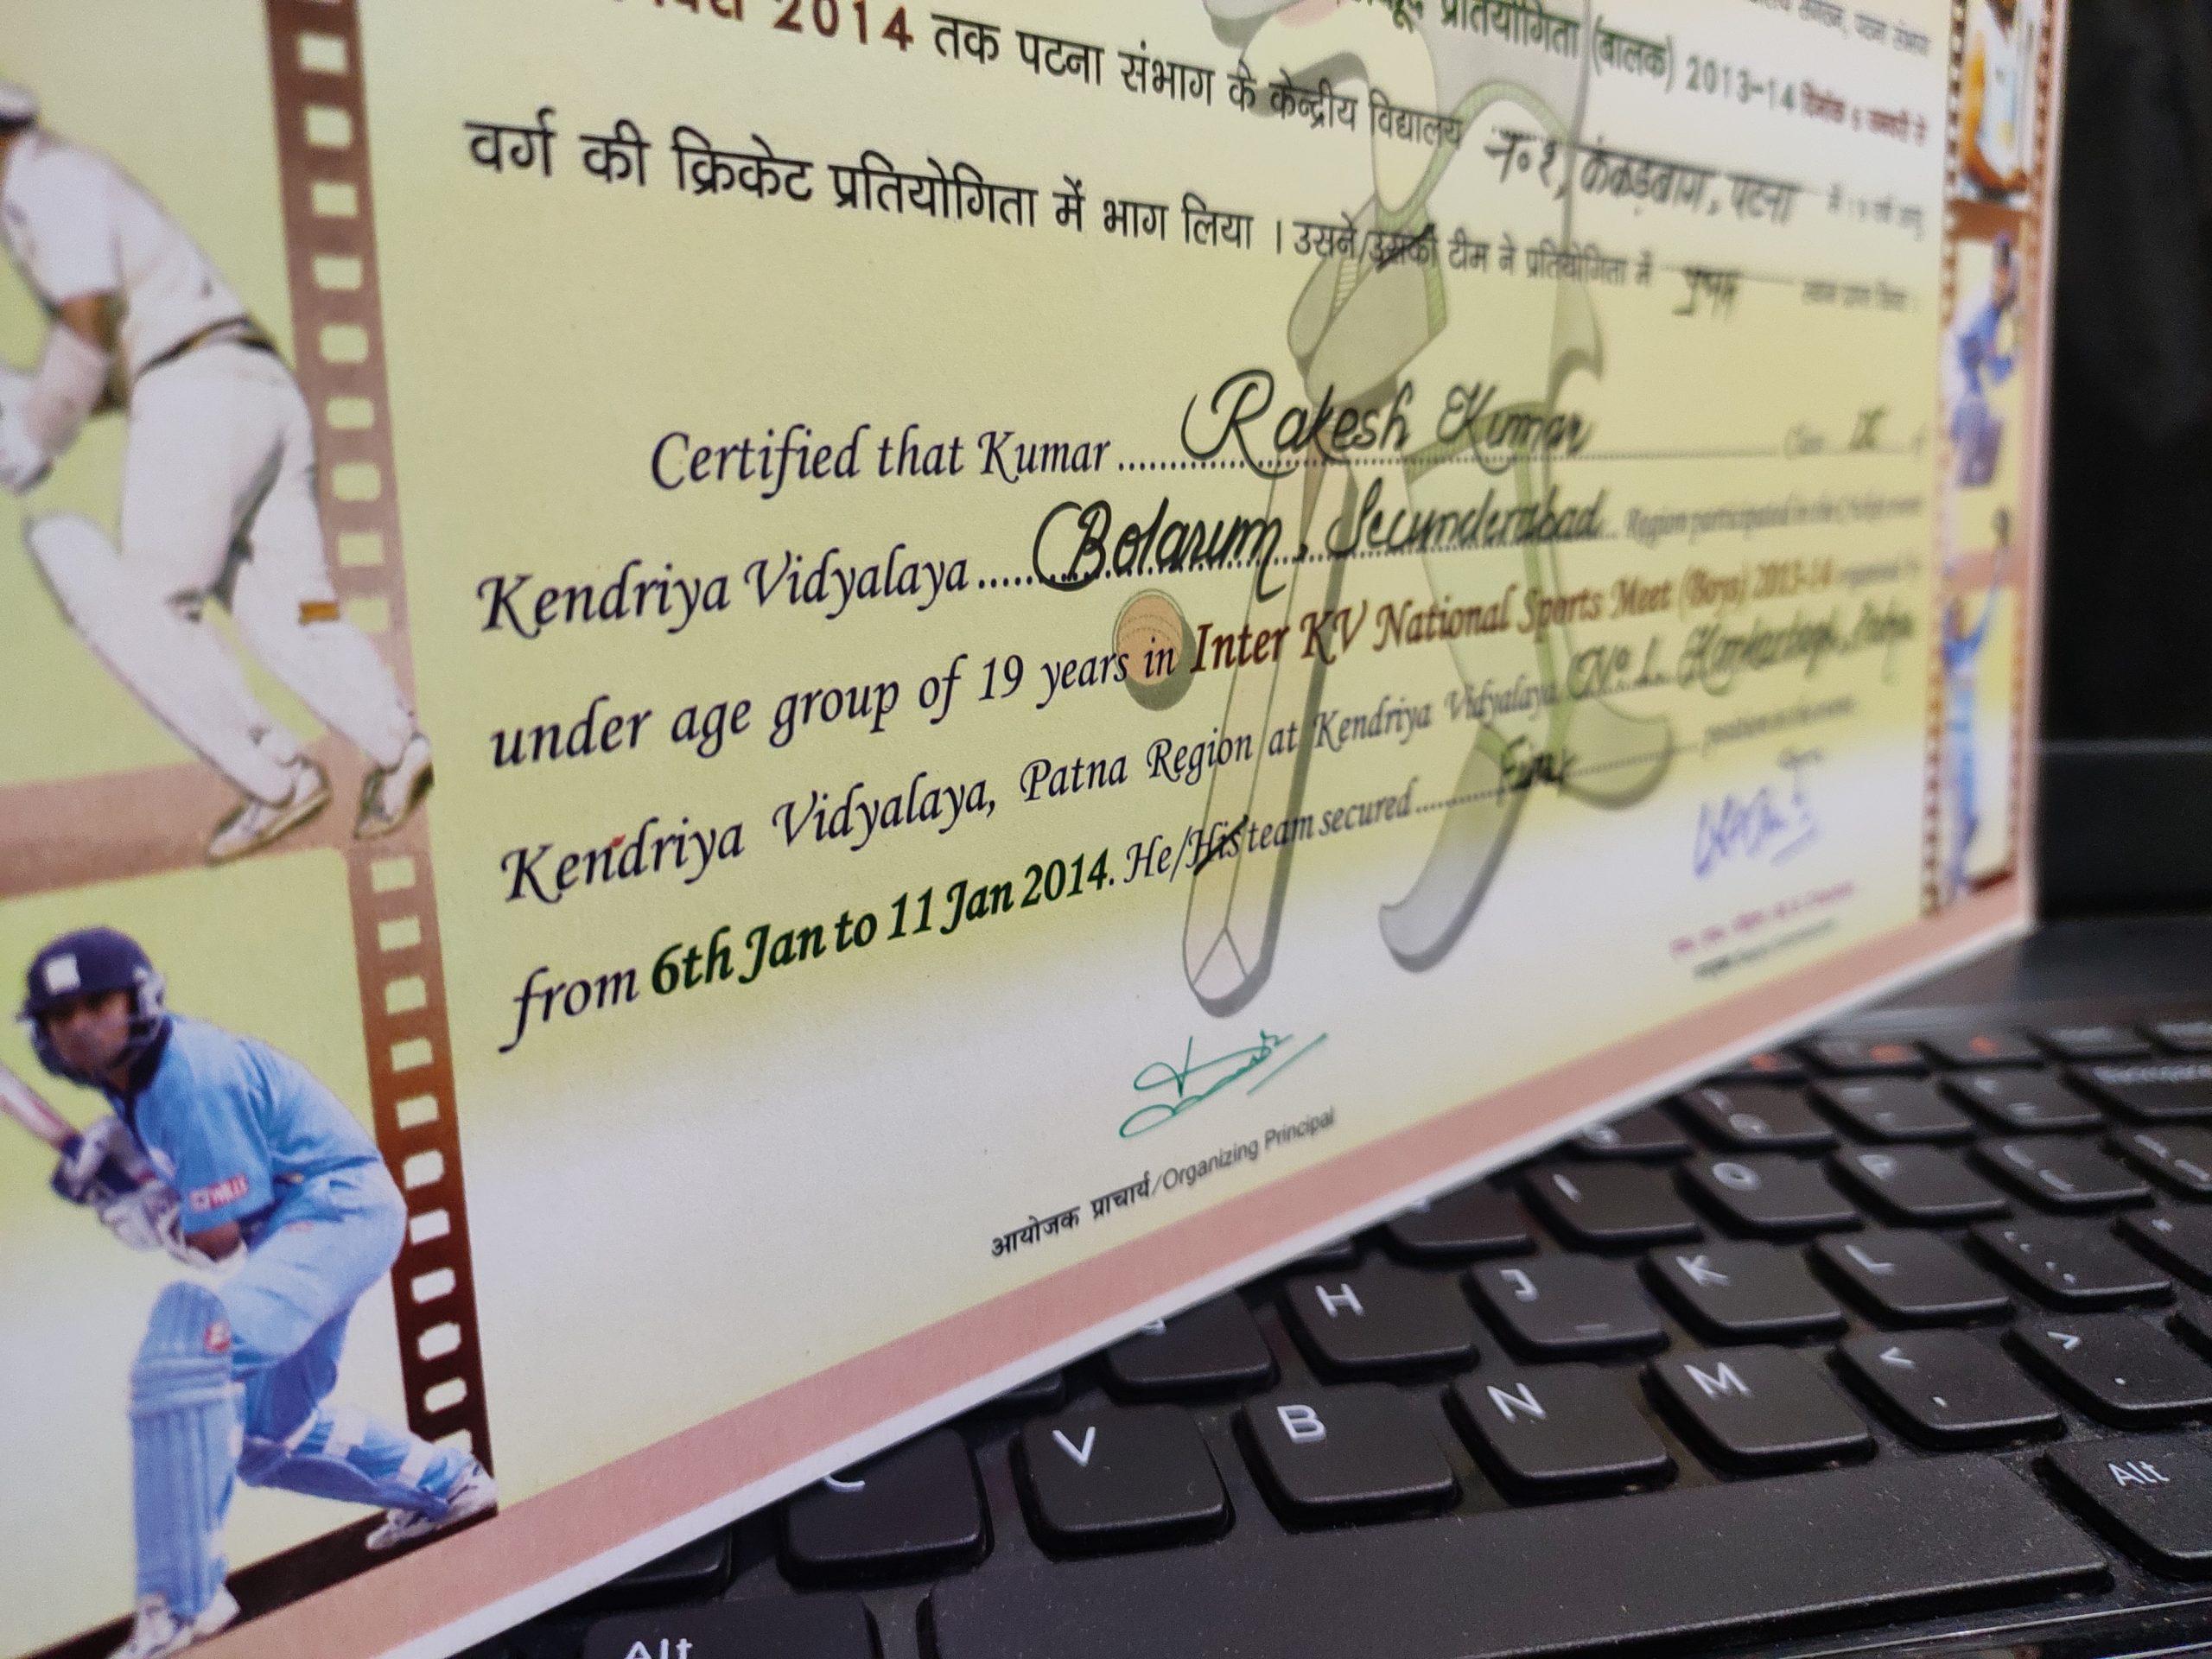 A sports certificate